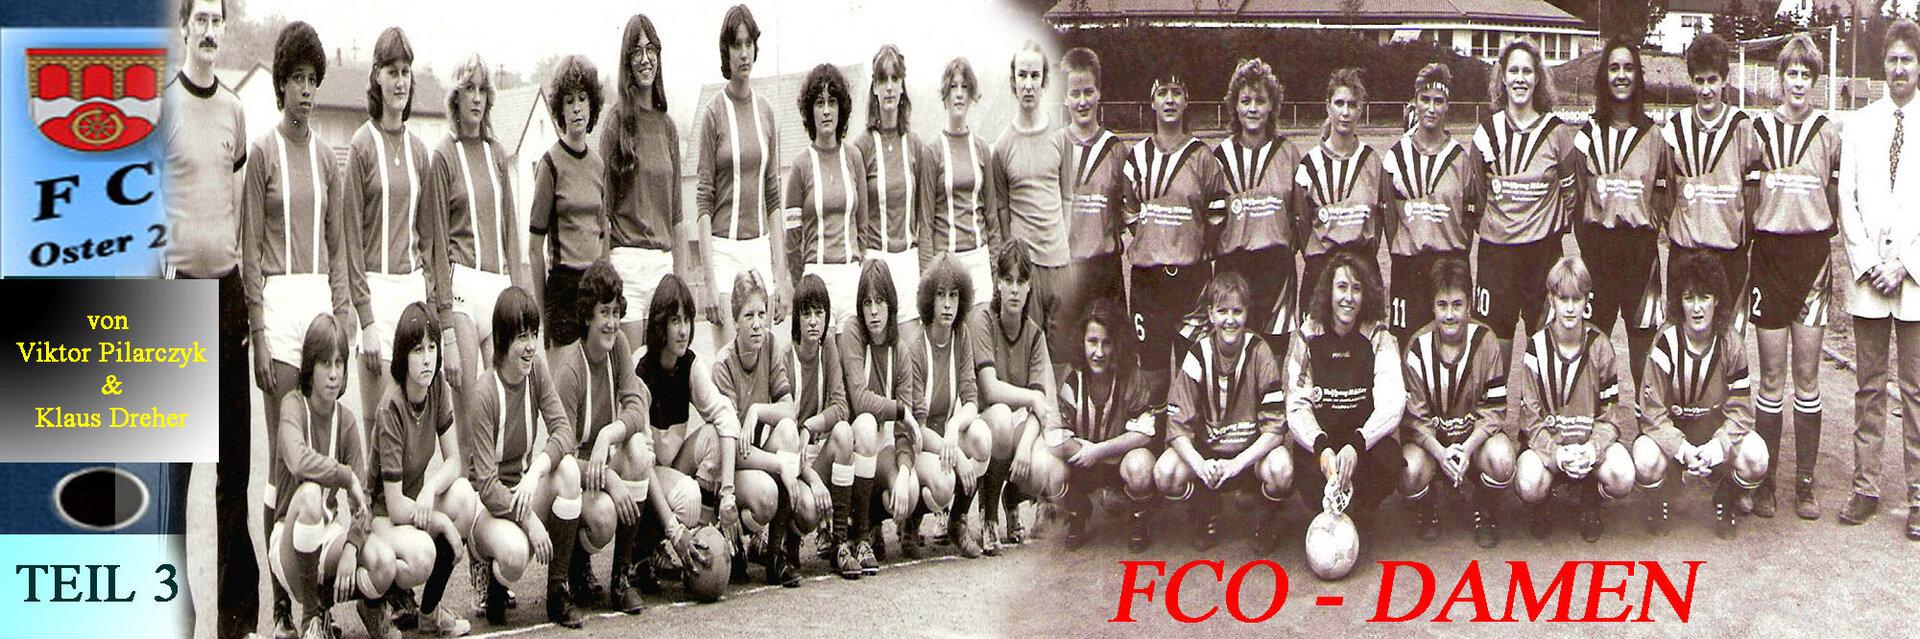 Fc Oster 20 Damenmannschaft